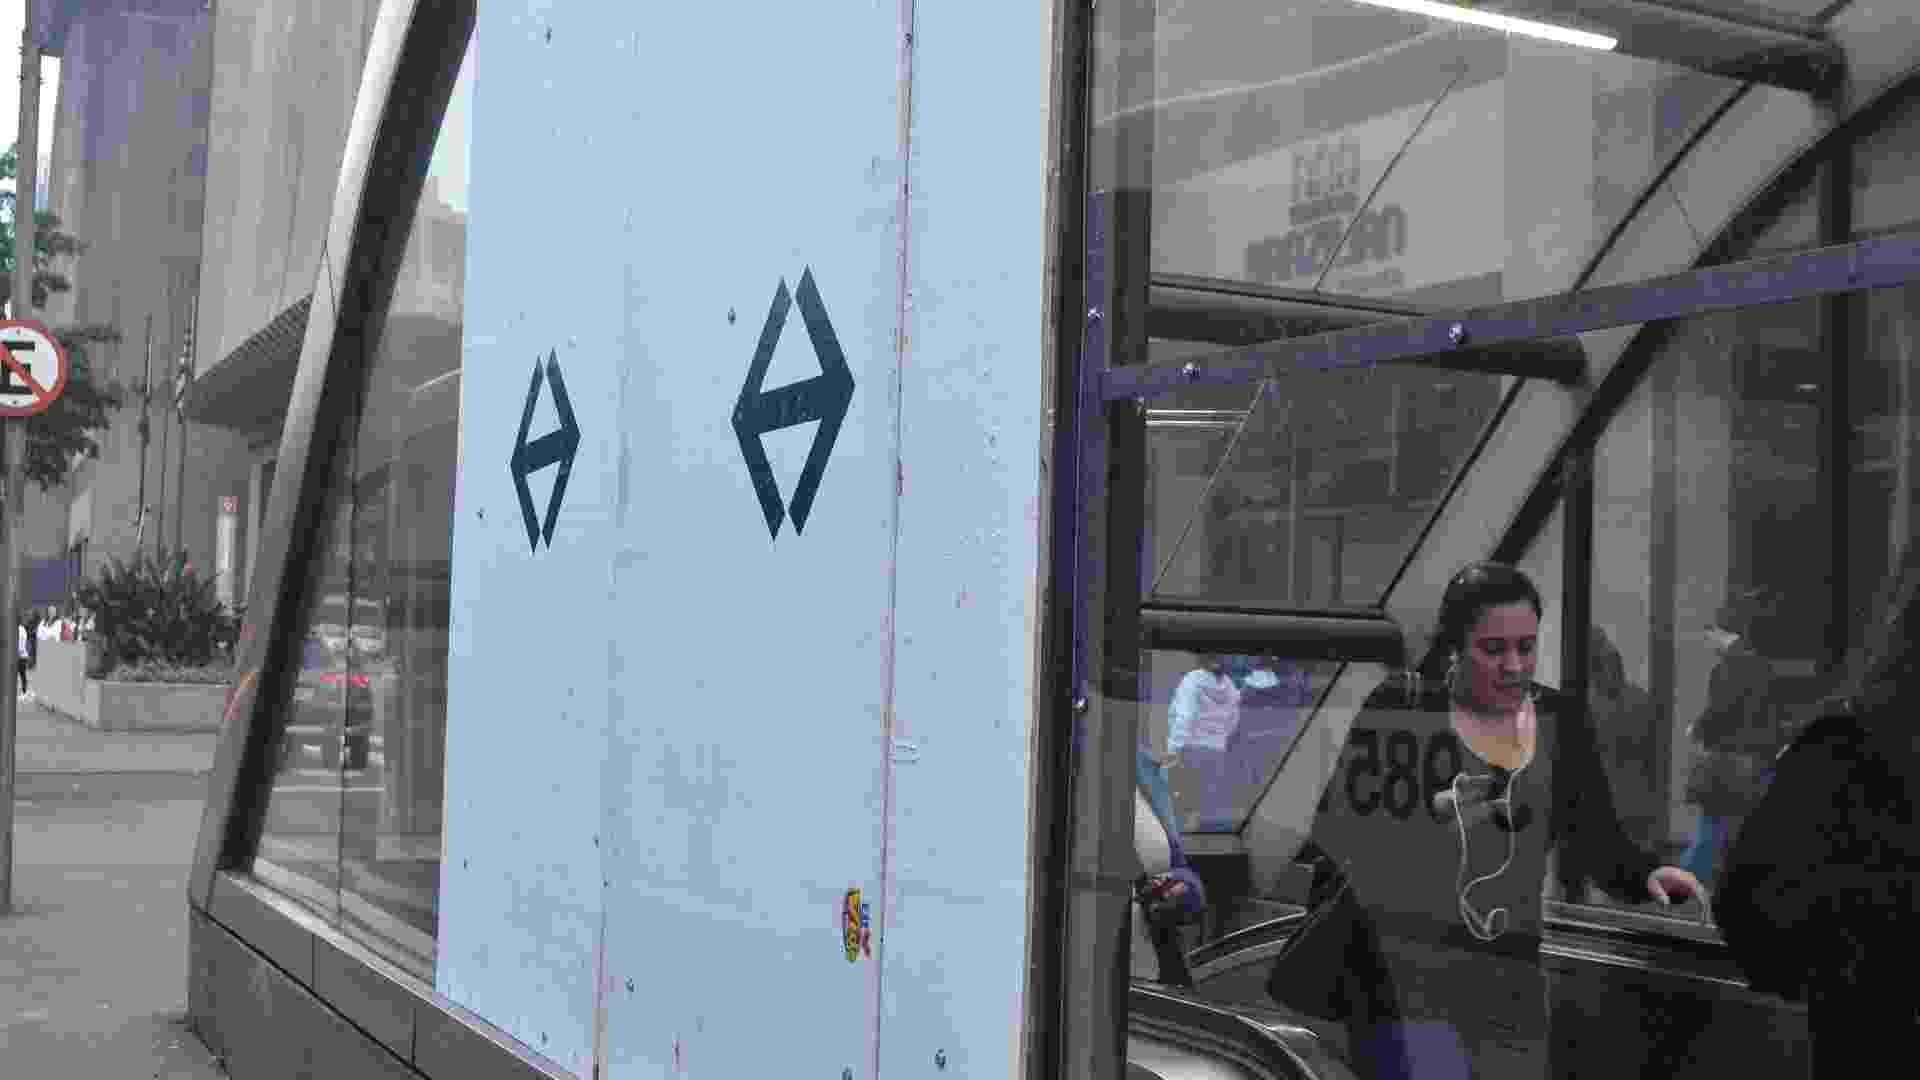 12.jun.2013 - Tapumes cobrem o local onde vidros foram quebrados na estação Trianon Masp do Metrô, na avenida Paulista, em São Paulo, na manhã desta quarta-feira (12), após o terceiro protesto pela redução da tarifa de ônibus, na noite desta terça-feira (11) - Alexandre Moreira/Brazil Photo Press/Estadão Conteúdo